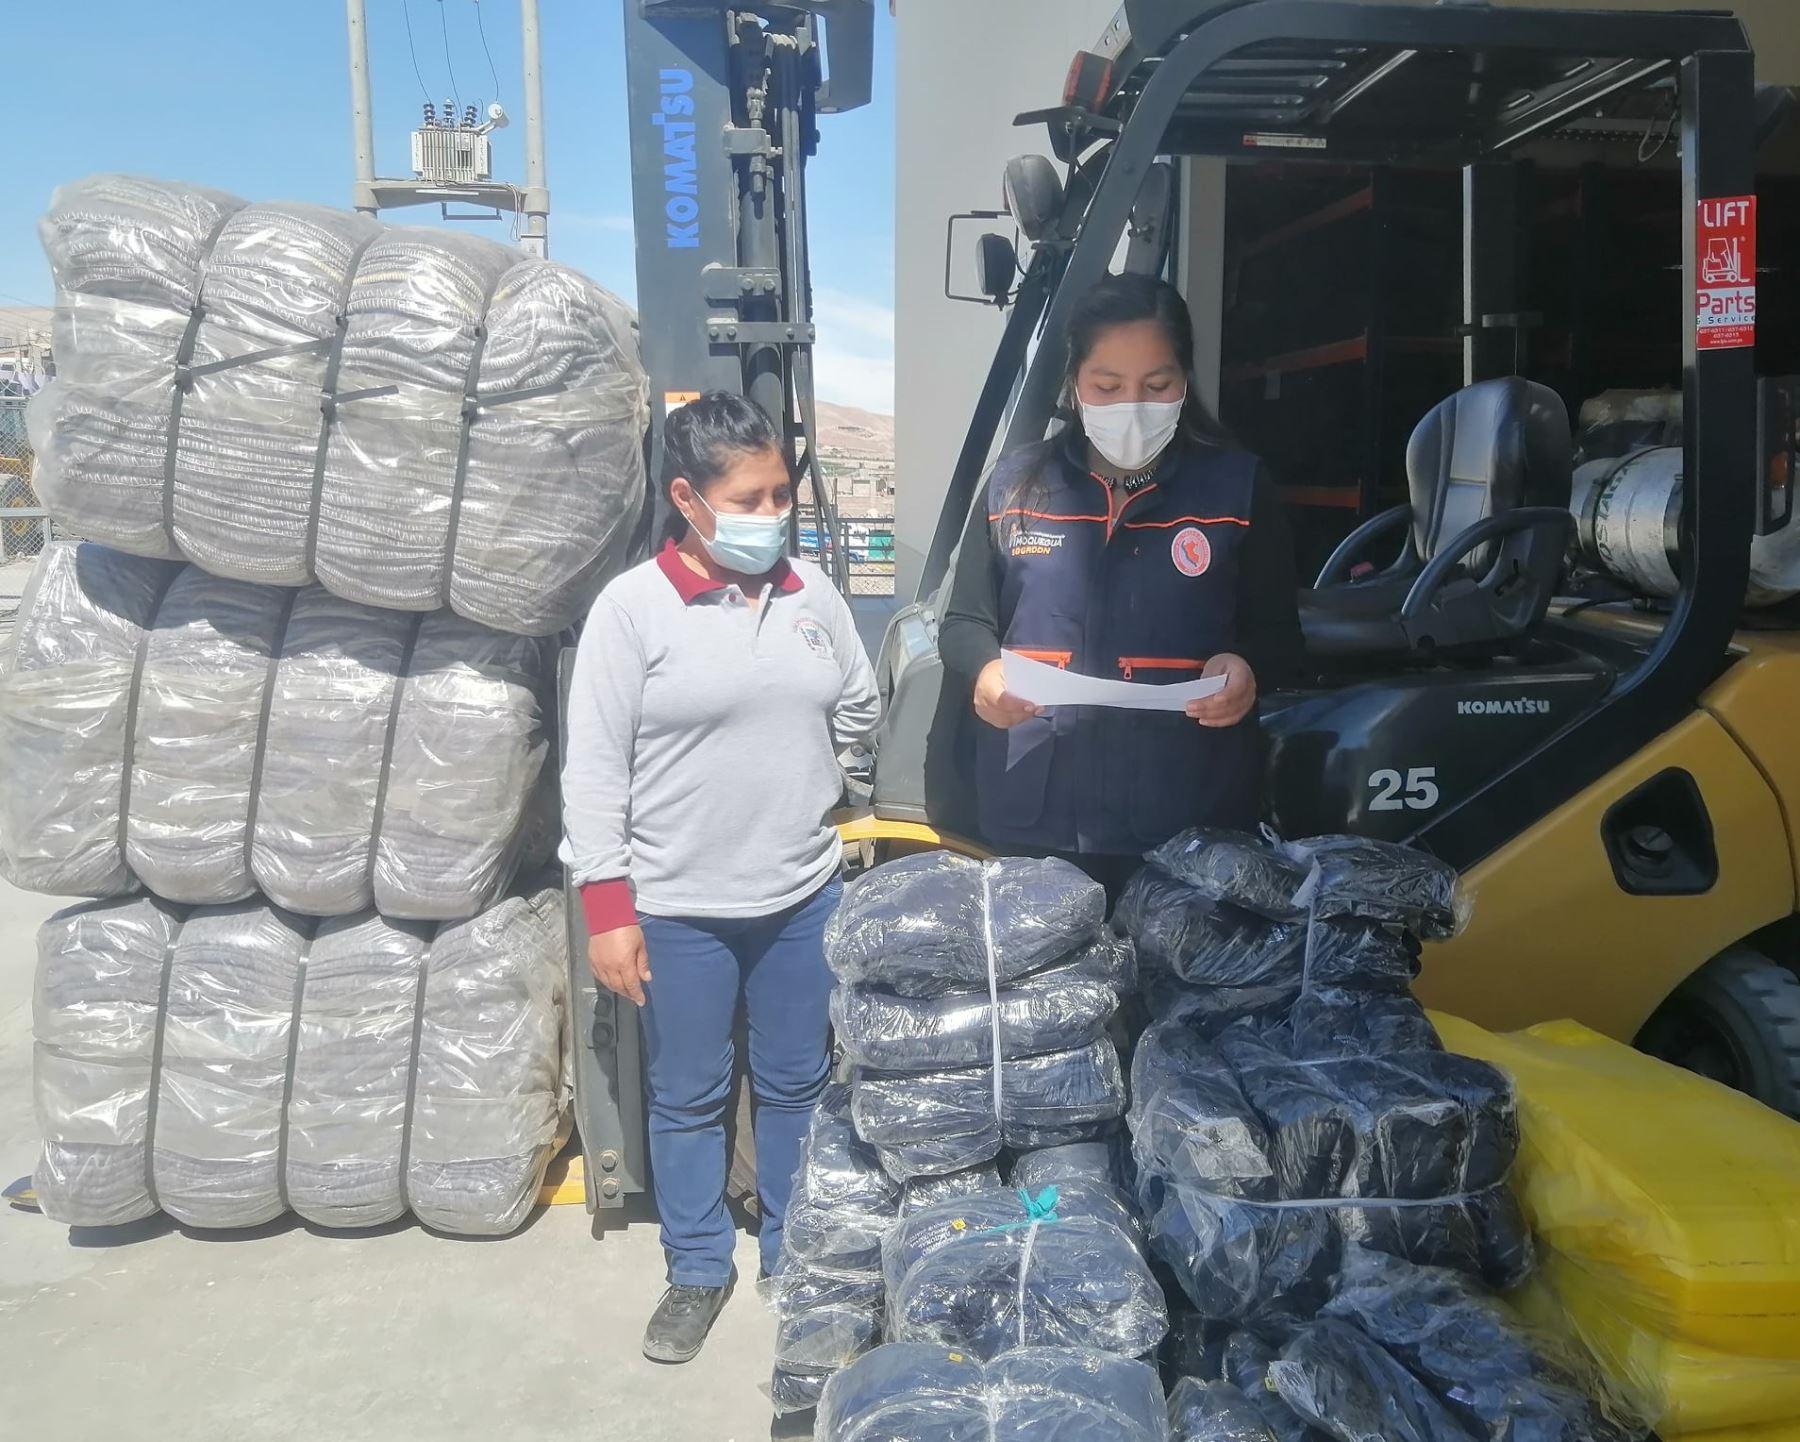 Autoridades de Defensa Civil de Moquegua entregaron ayuda humanitaria a los damnificados por incendio urbano registrado en poblado Pampa Inalámbrica.